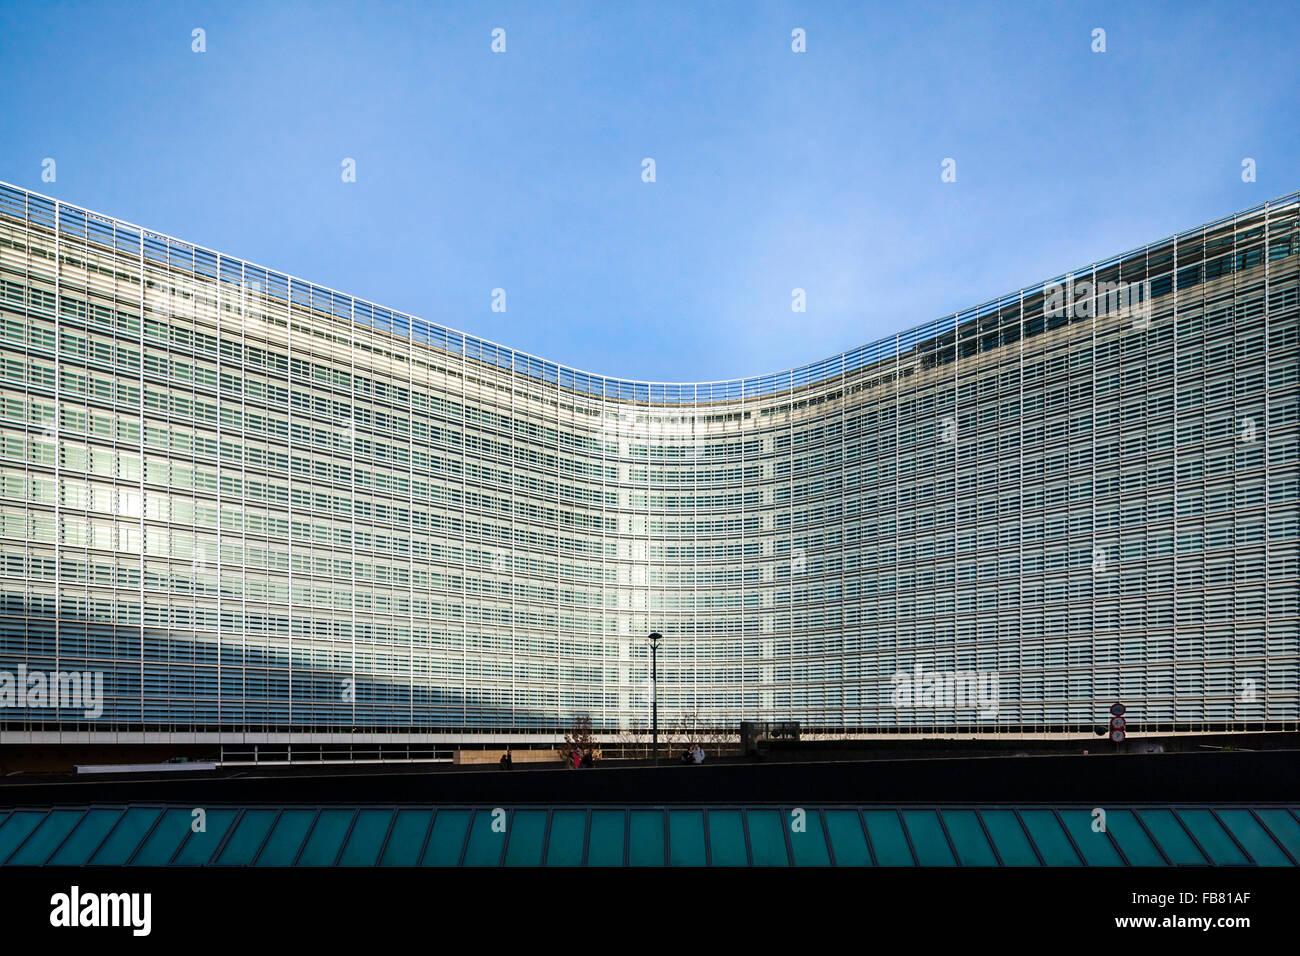 El edificio Berlaymont de Bruselas. La sede de la Comisión Europea, CE, el ejecutivo de la Unión Europea, Imagen De Stock